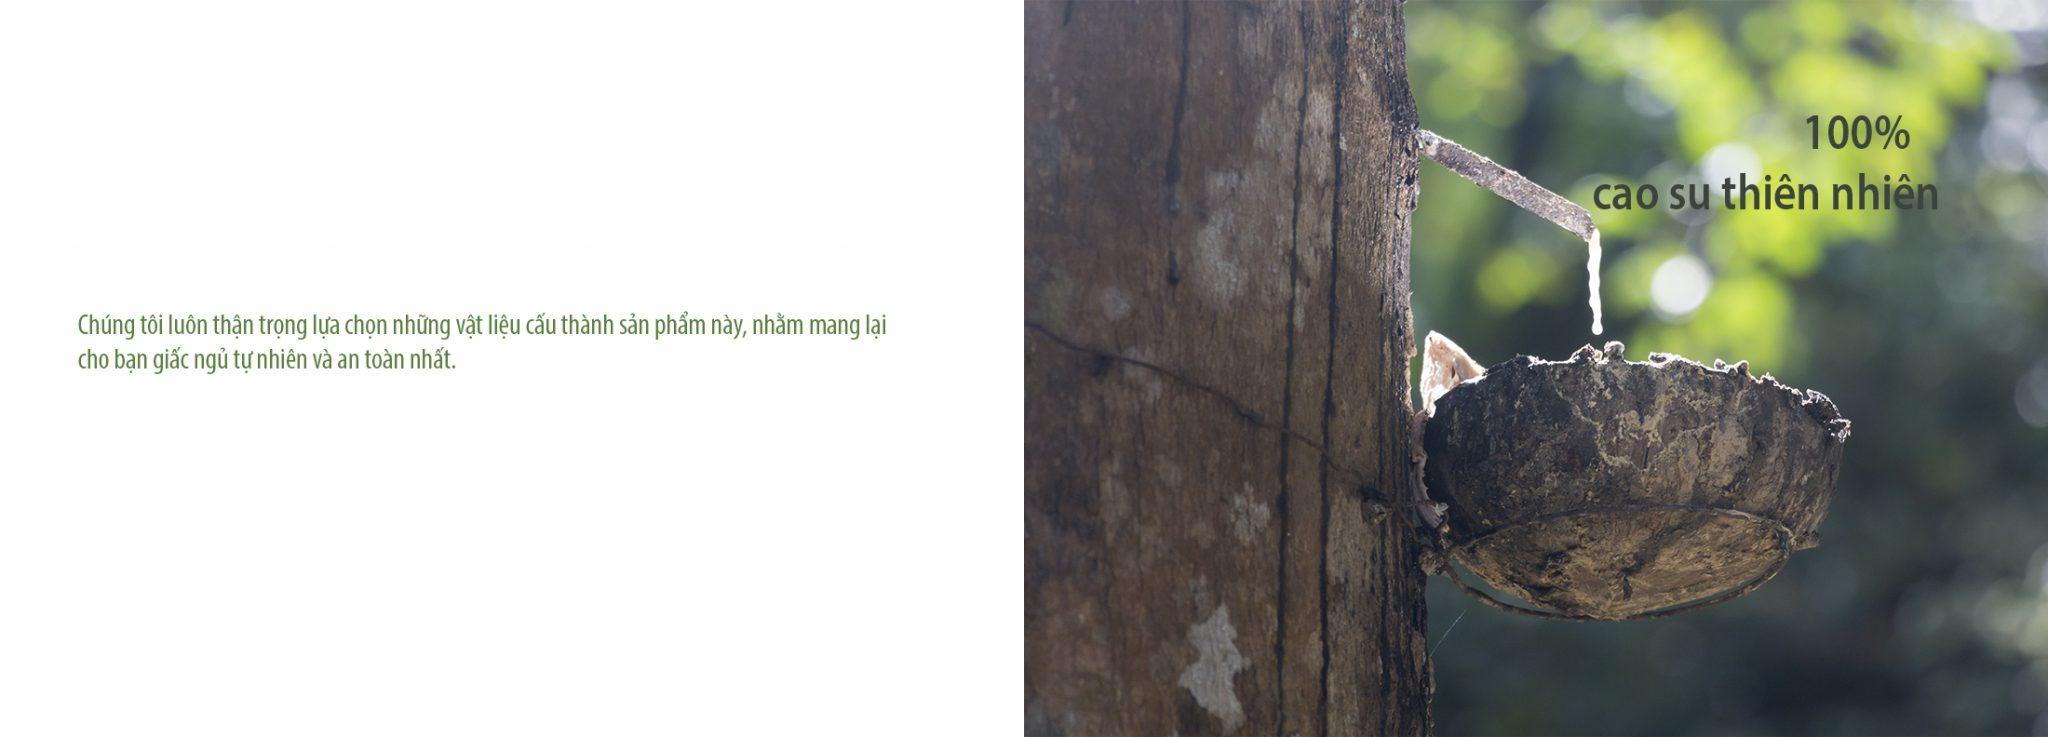 Nệm Lò Xo Túi Cao Su LACOIL - Vạn Thành nem lo xo lacoil van thanh 7 2048x737 1